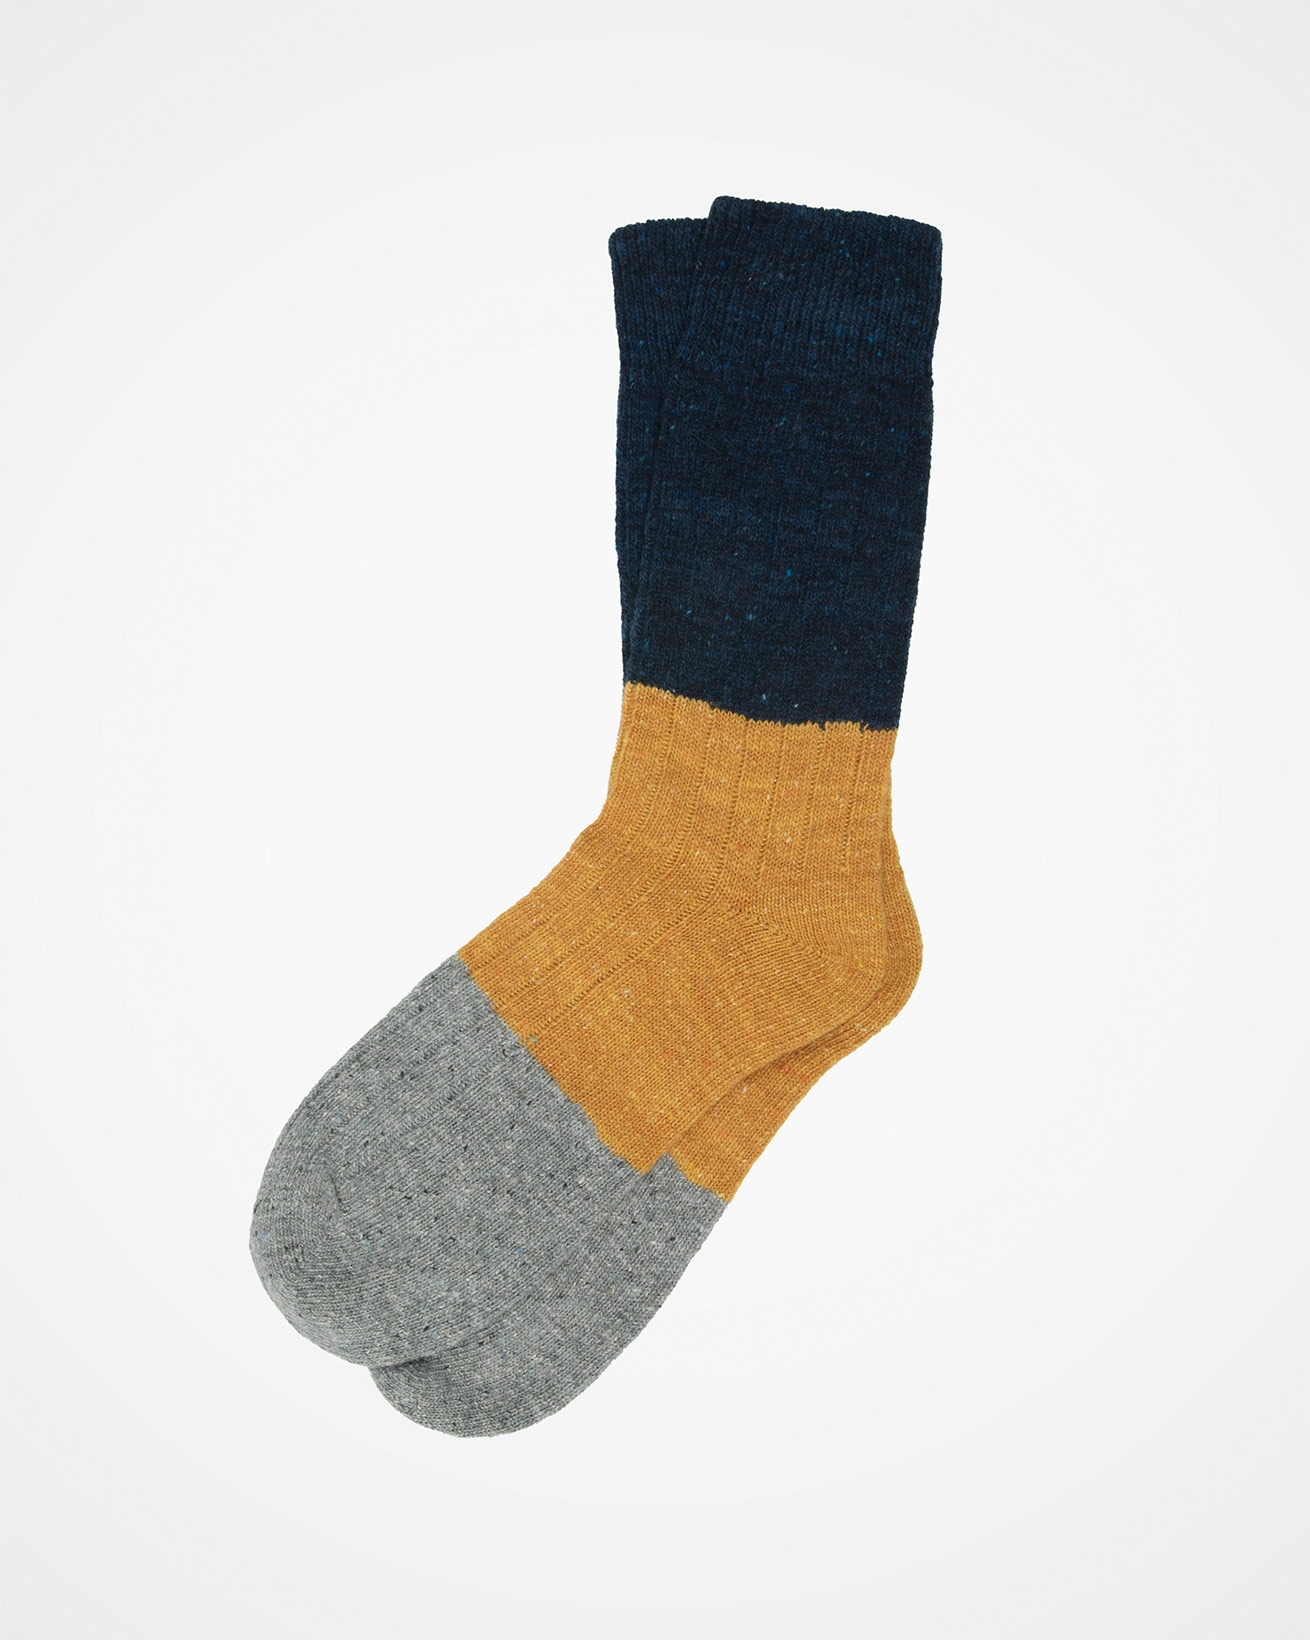 7775_mens-donegal-colourblock-socks_dark-navy_flat.jpg